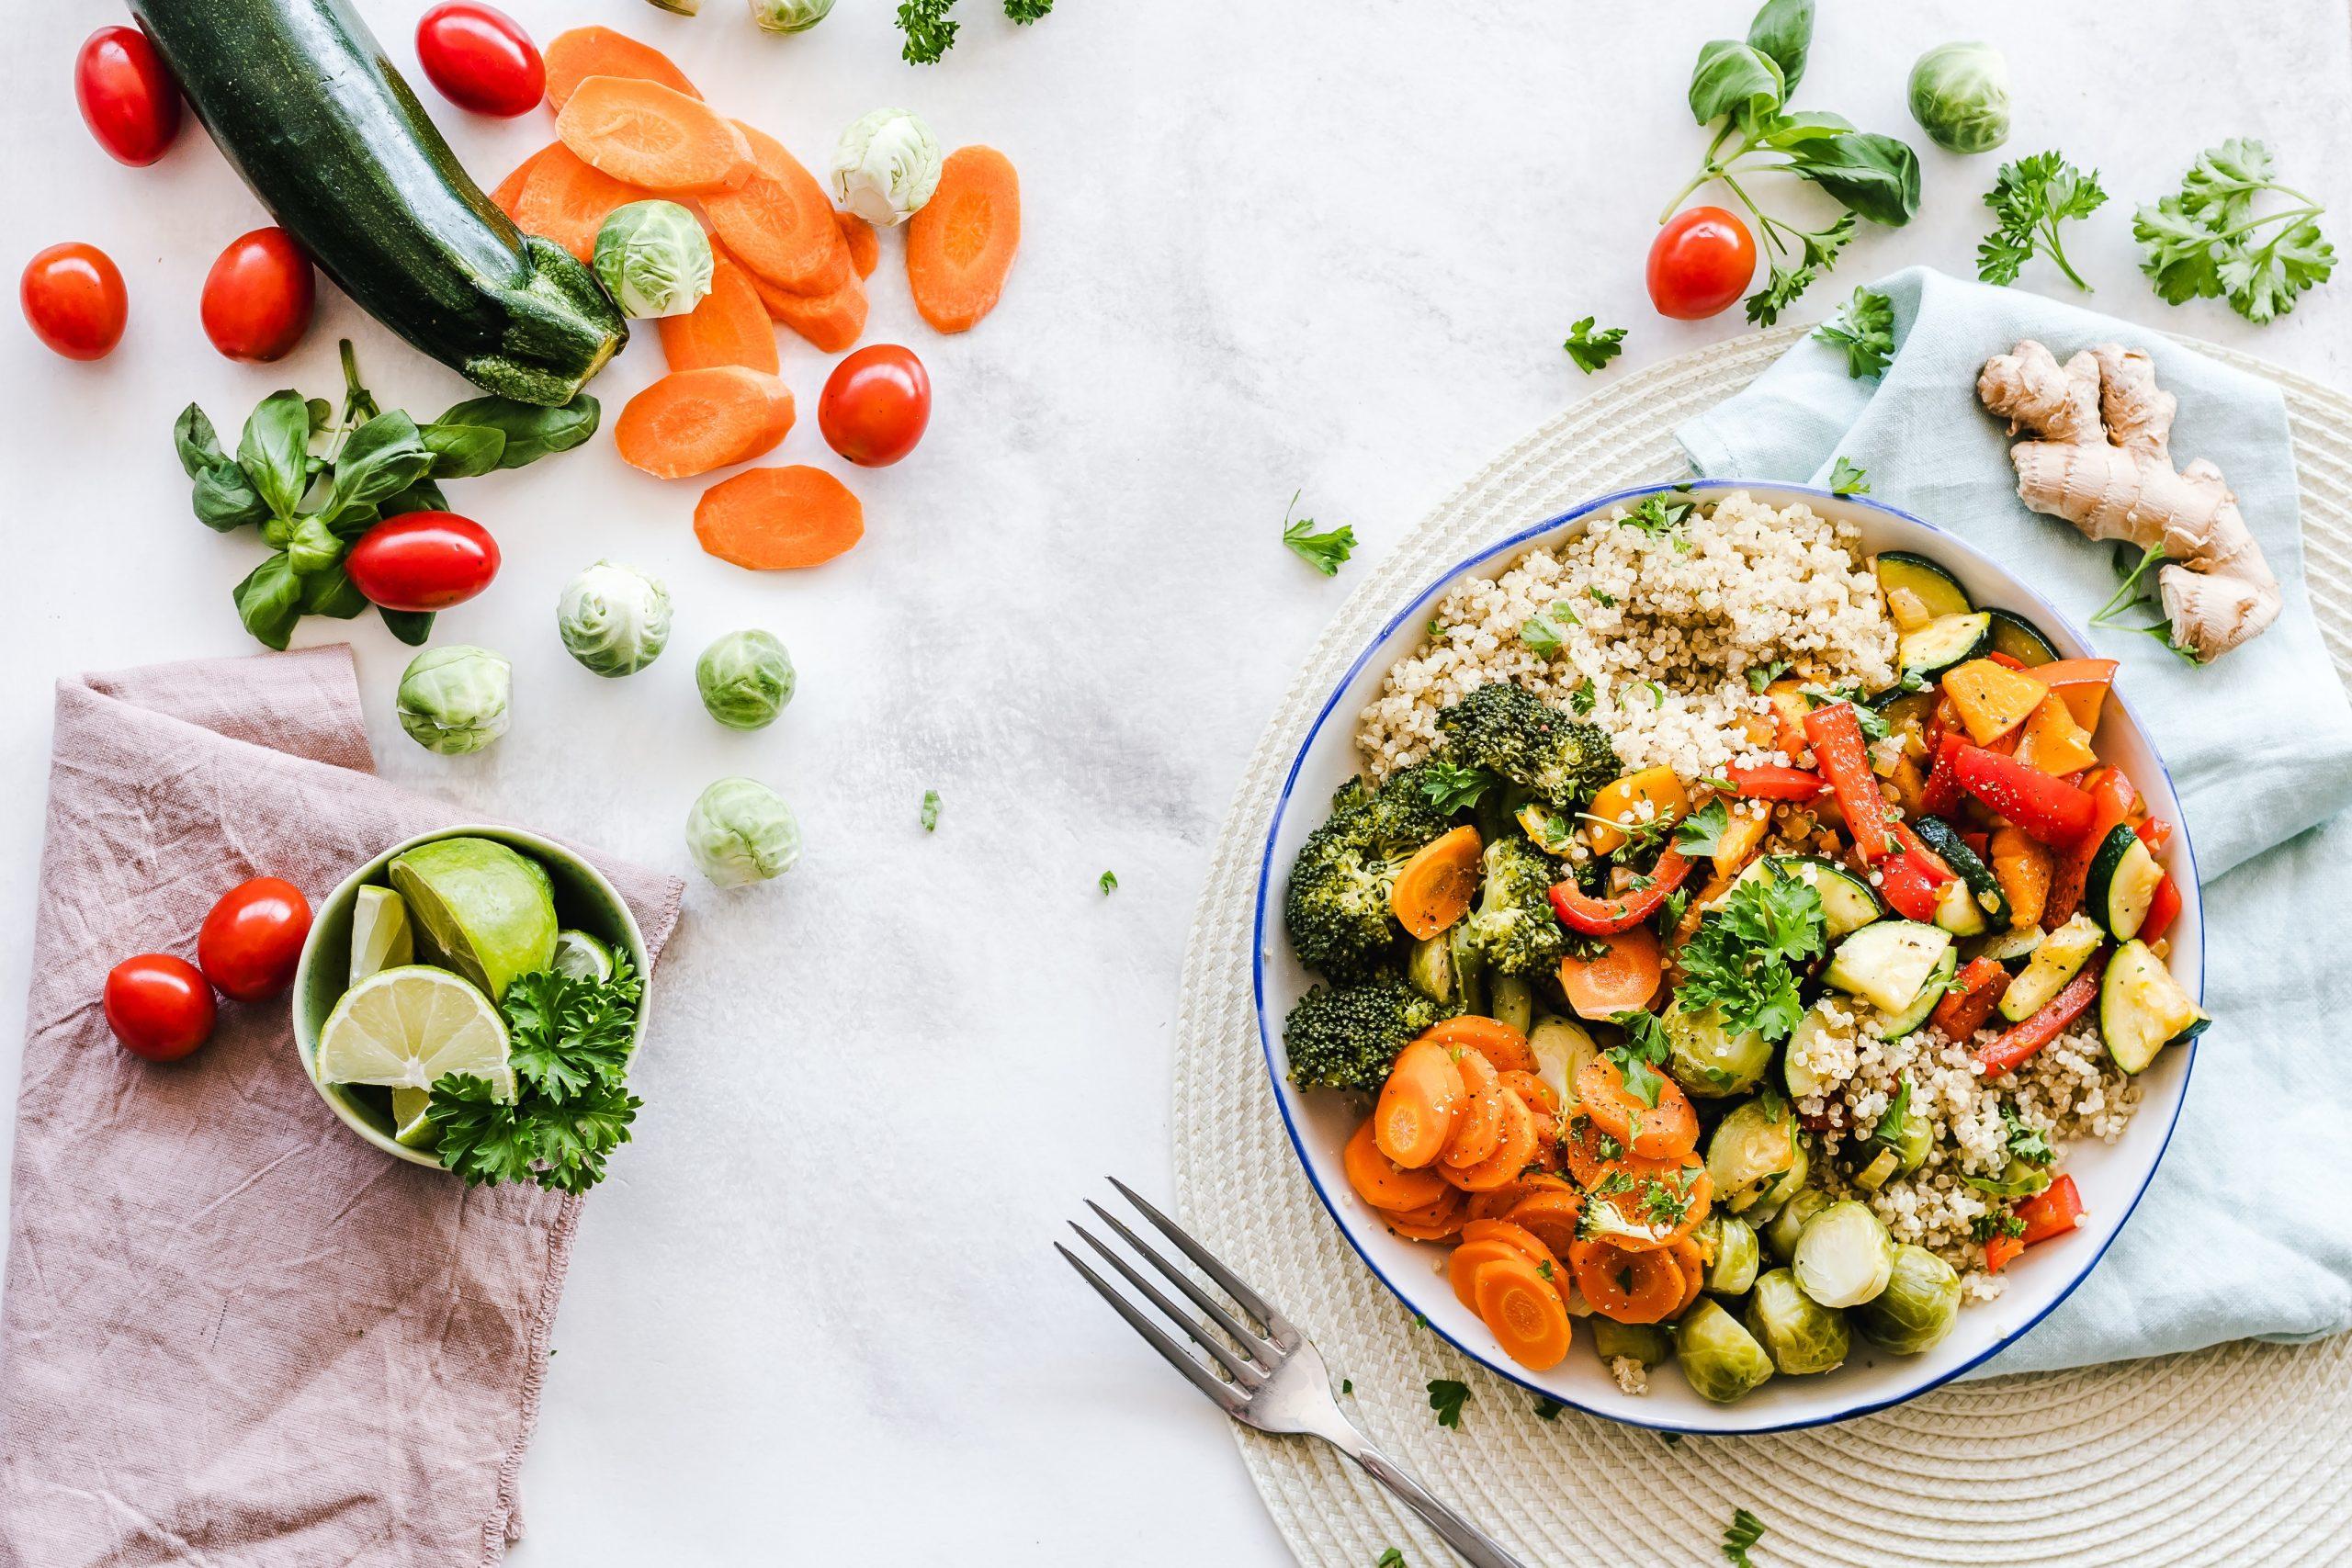 Como uma alimentação saudável pode prevenir doenças?